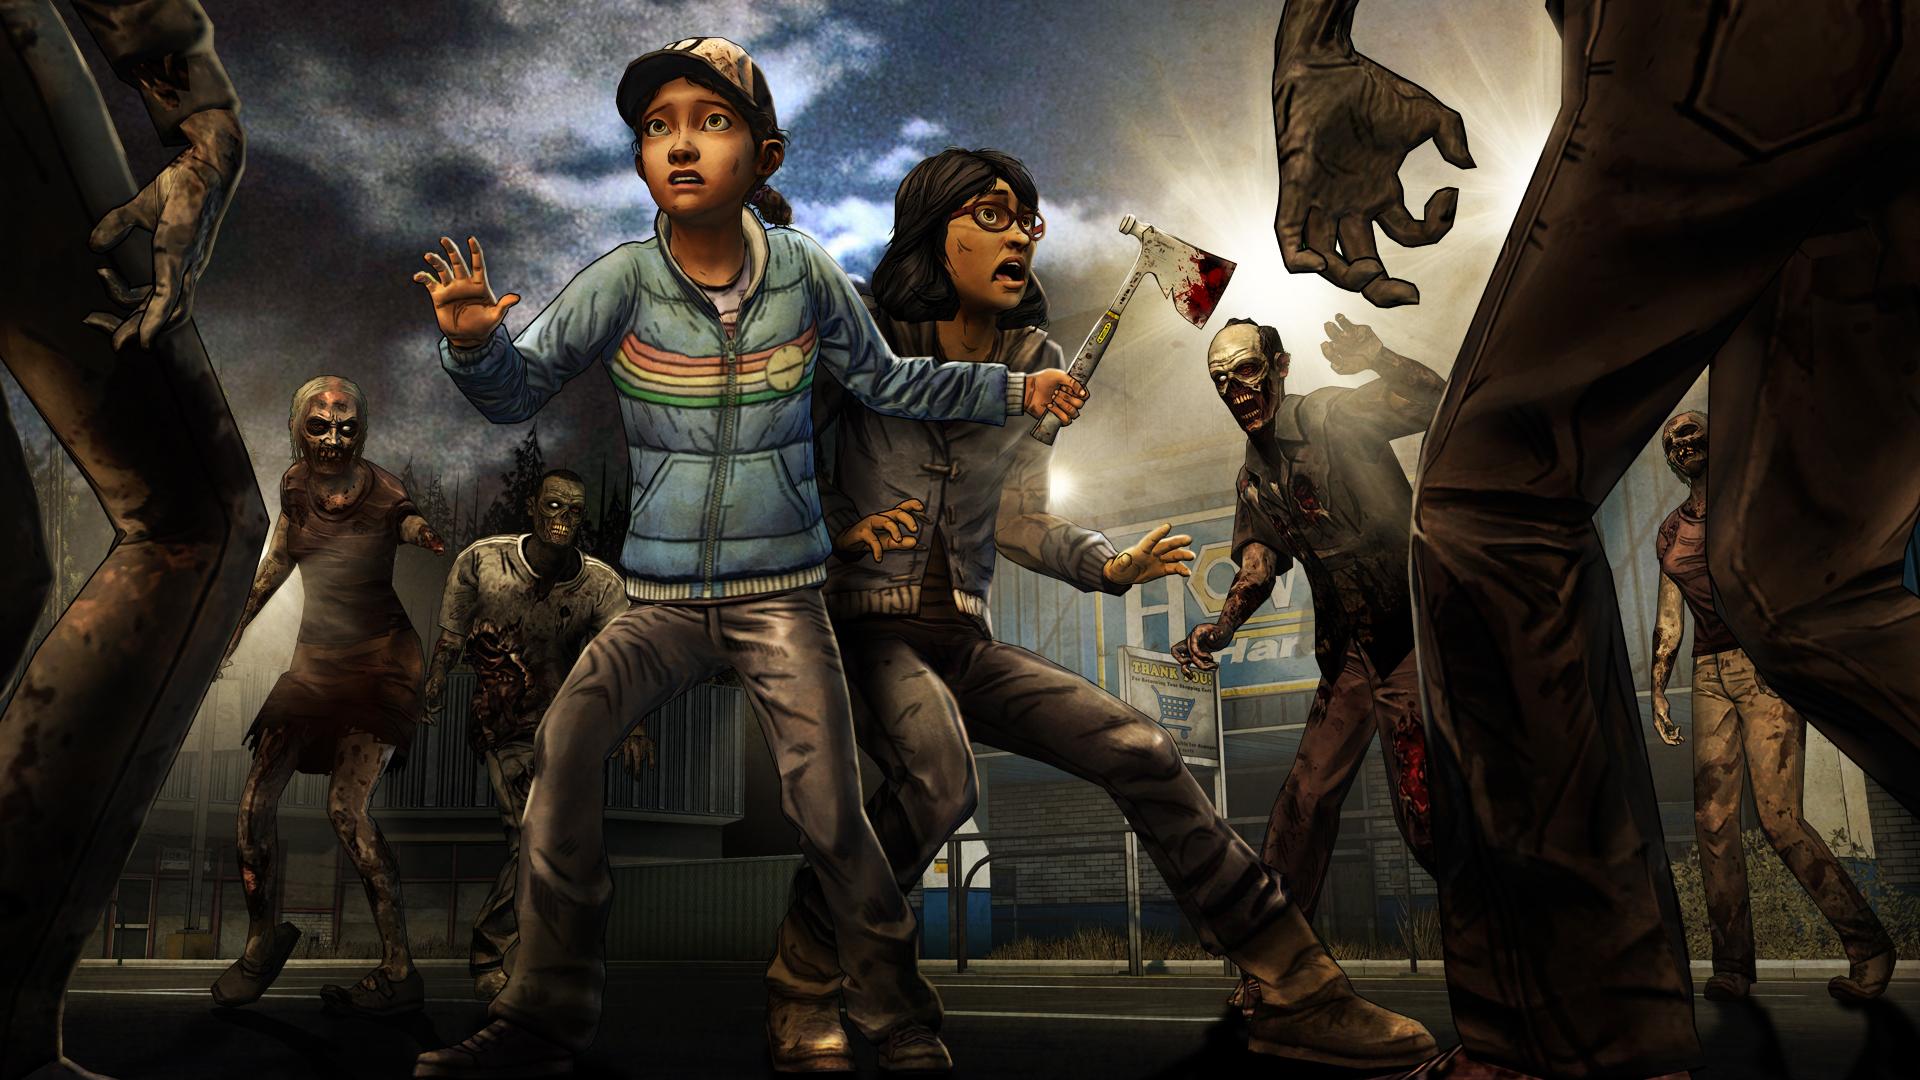 Walking Dead Season 2 Review Gamesradar